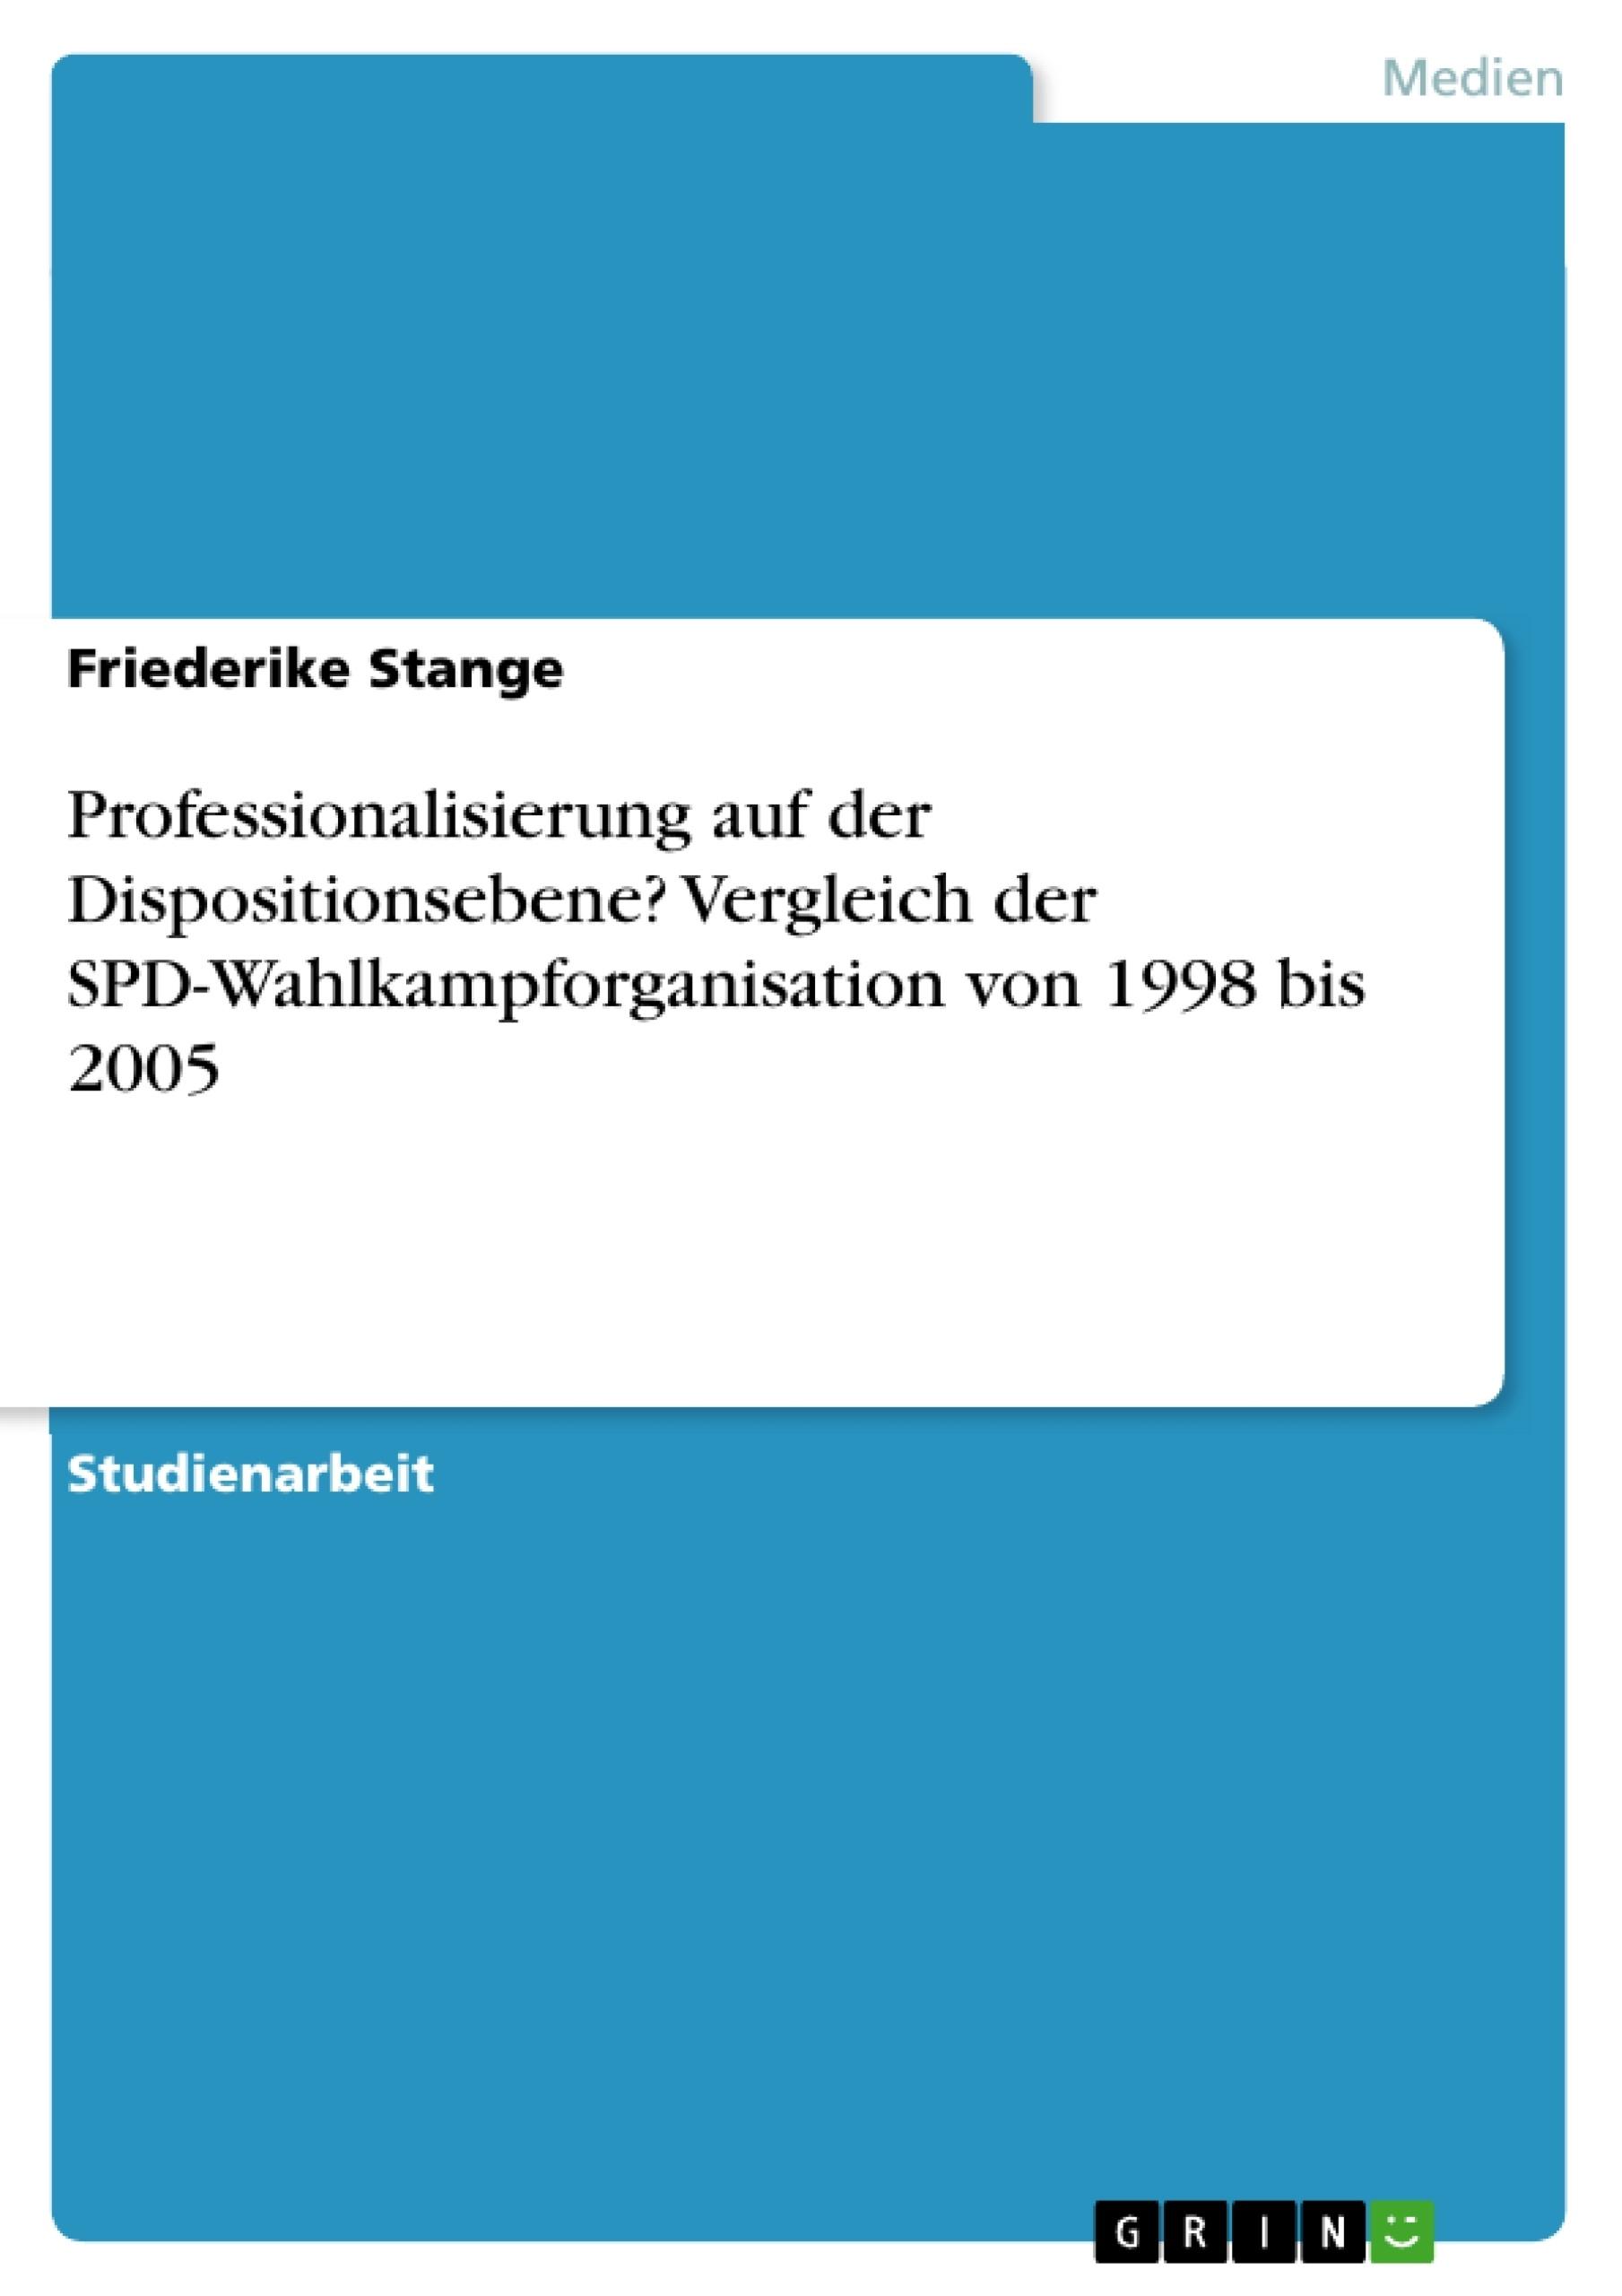 Titel: Professionalisierung auf der Dispositionsebene? Vergleich der SPD-Wahlkampforganisation von 1998 bis 2005